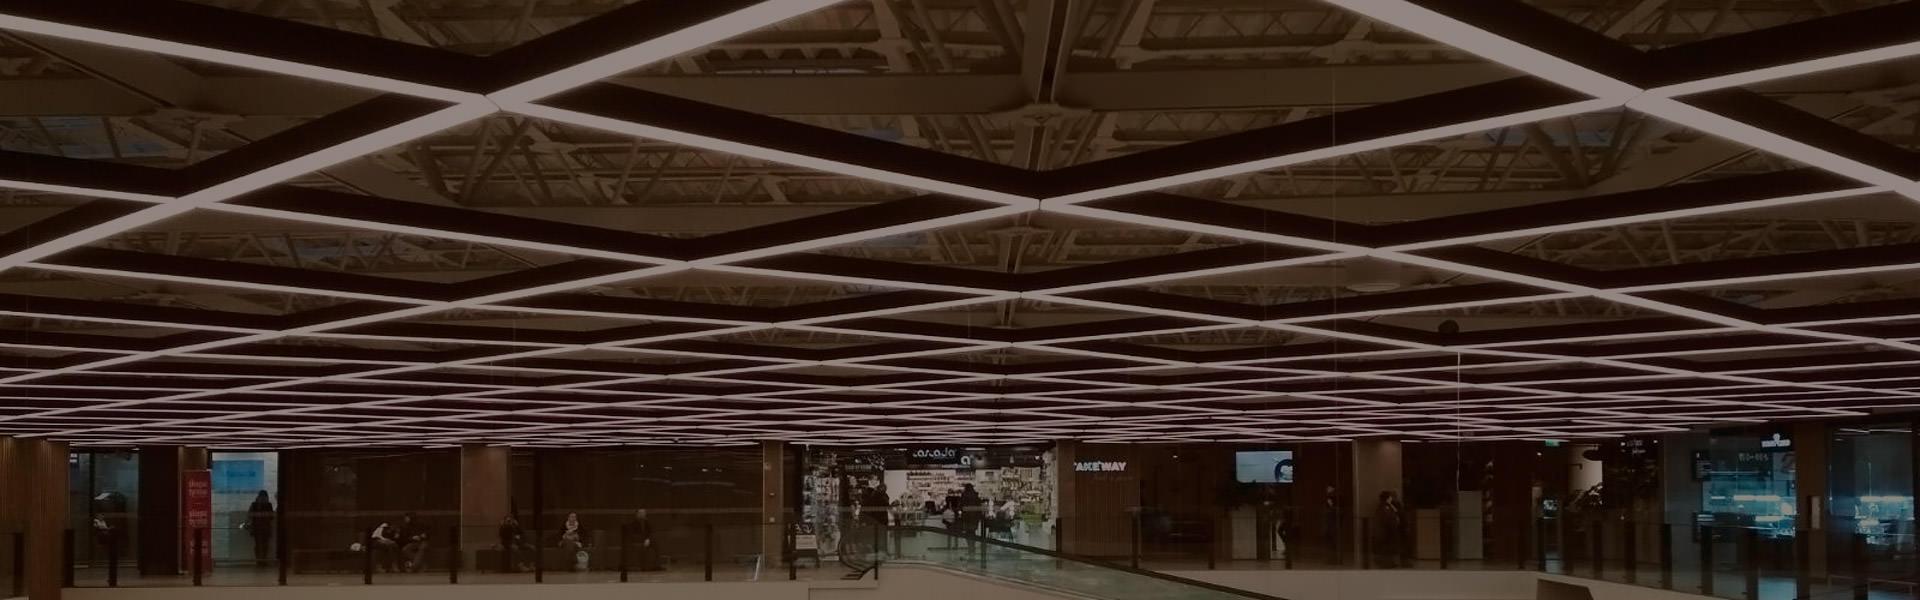 Какими должны быть светодиодные торговые светильники?